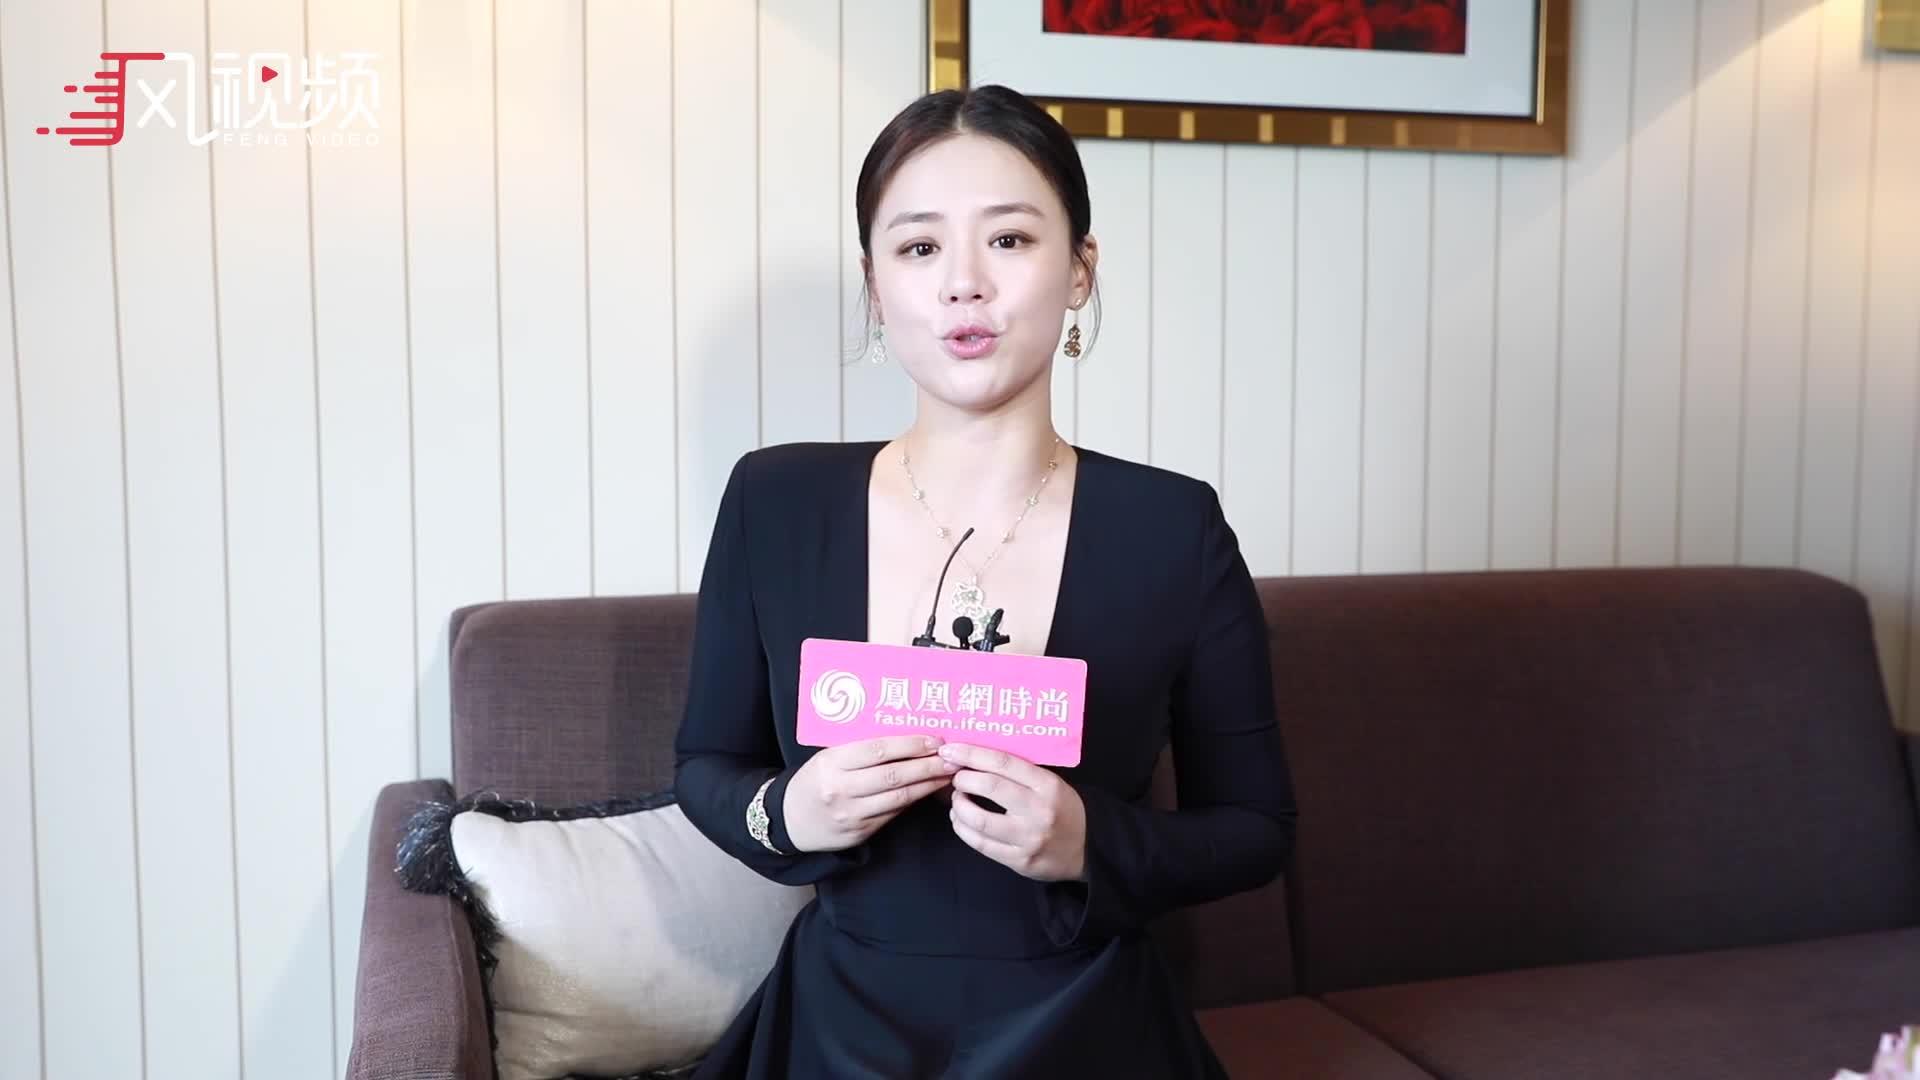 凤凰网时尚专访马思纯